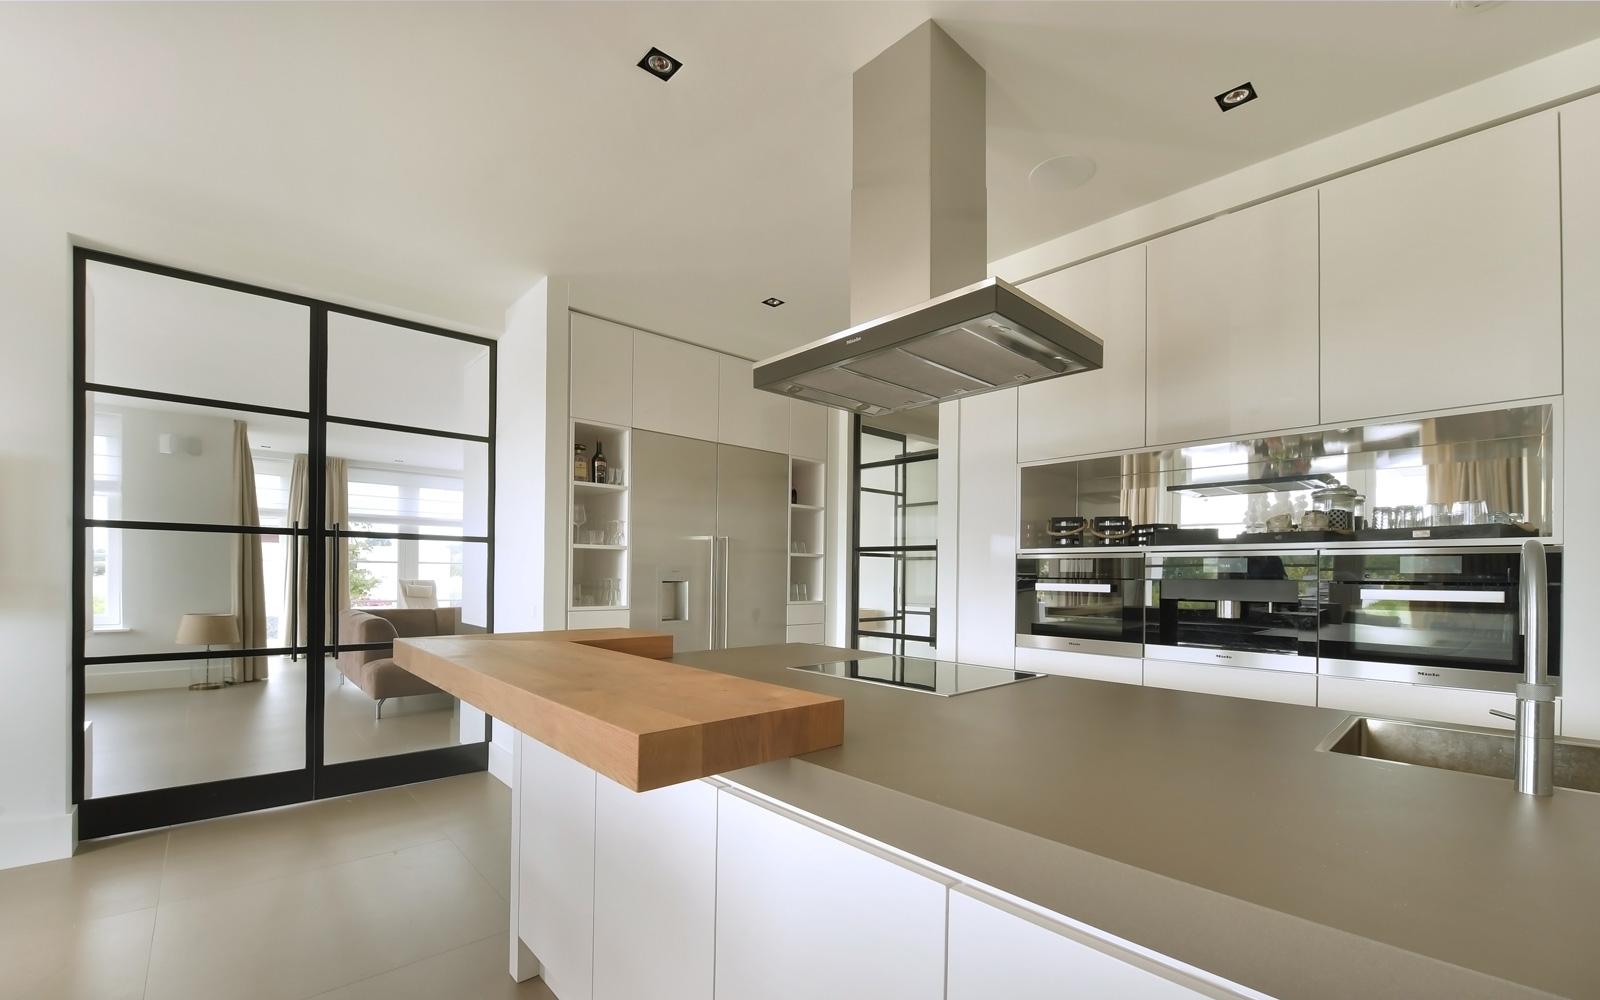 Kuivenhoven Keukens is verantwoordelijk voor de moderne keuken.